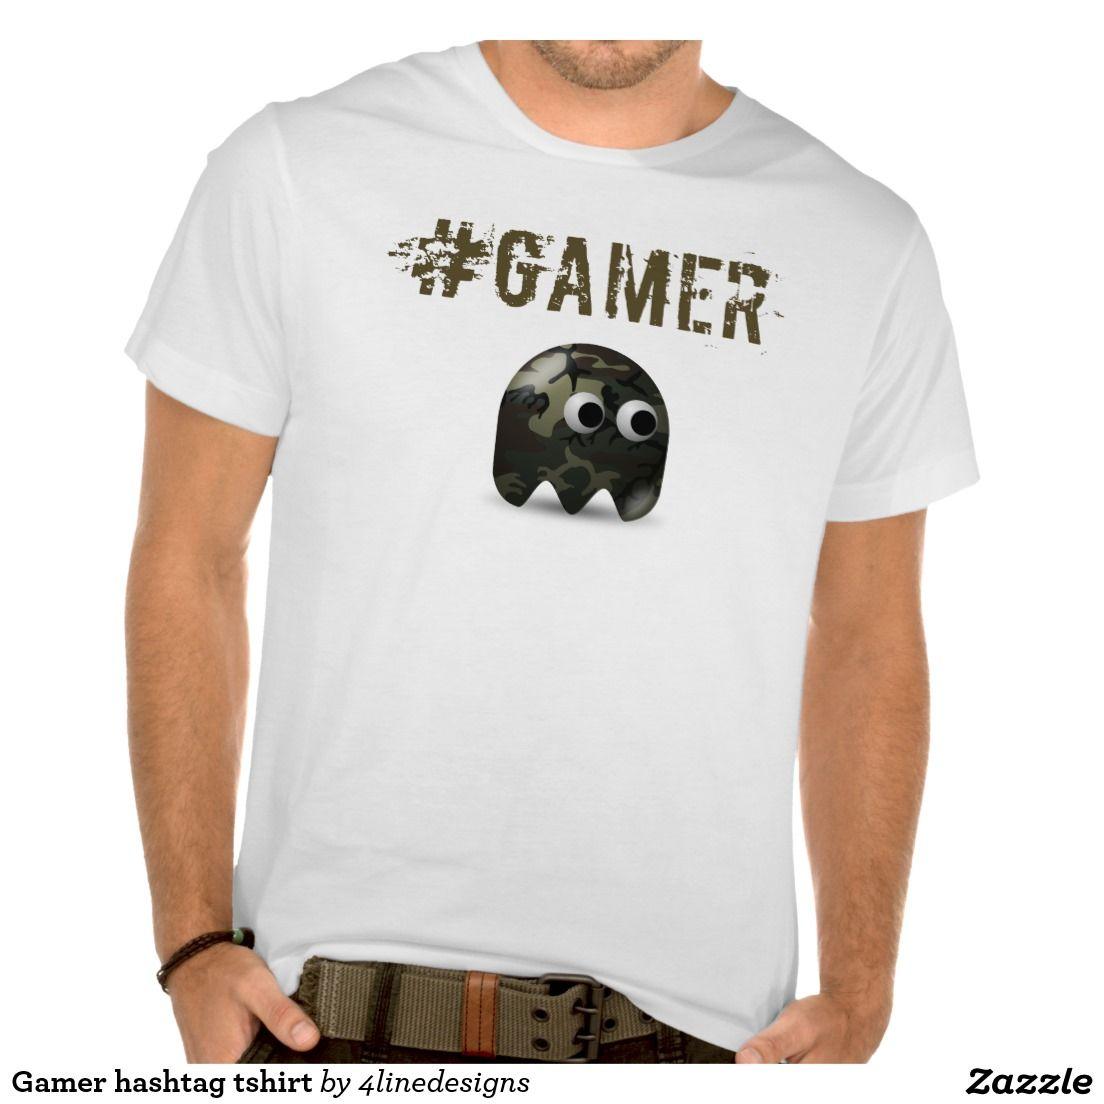 Gamer hashtag tshirt